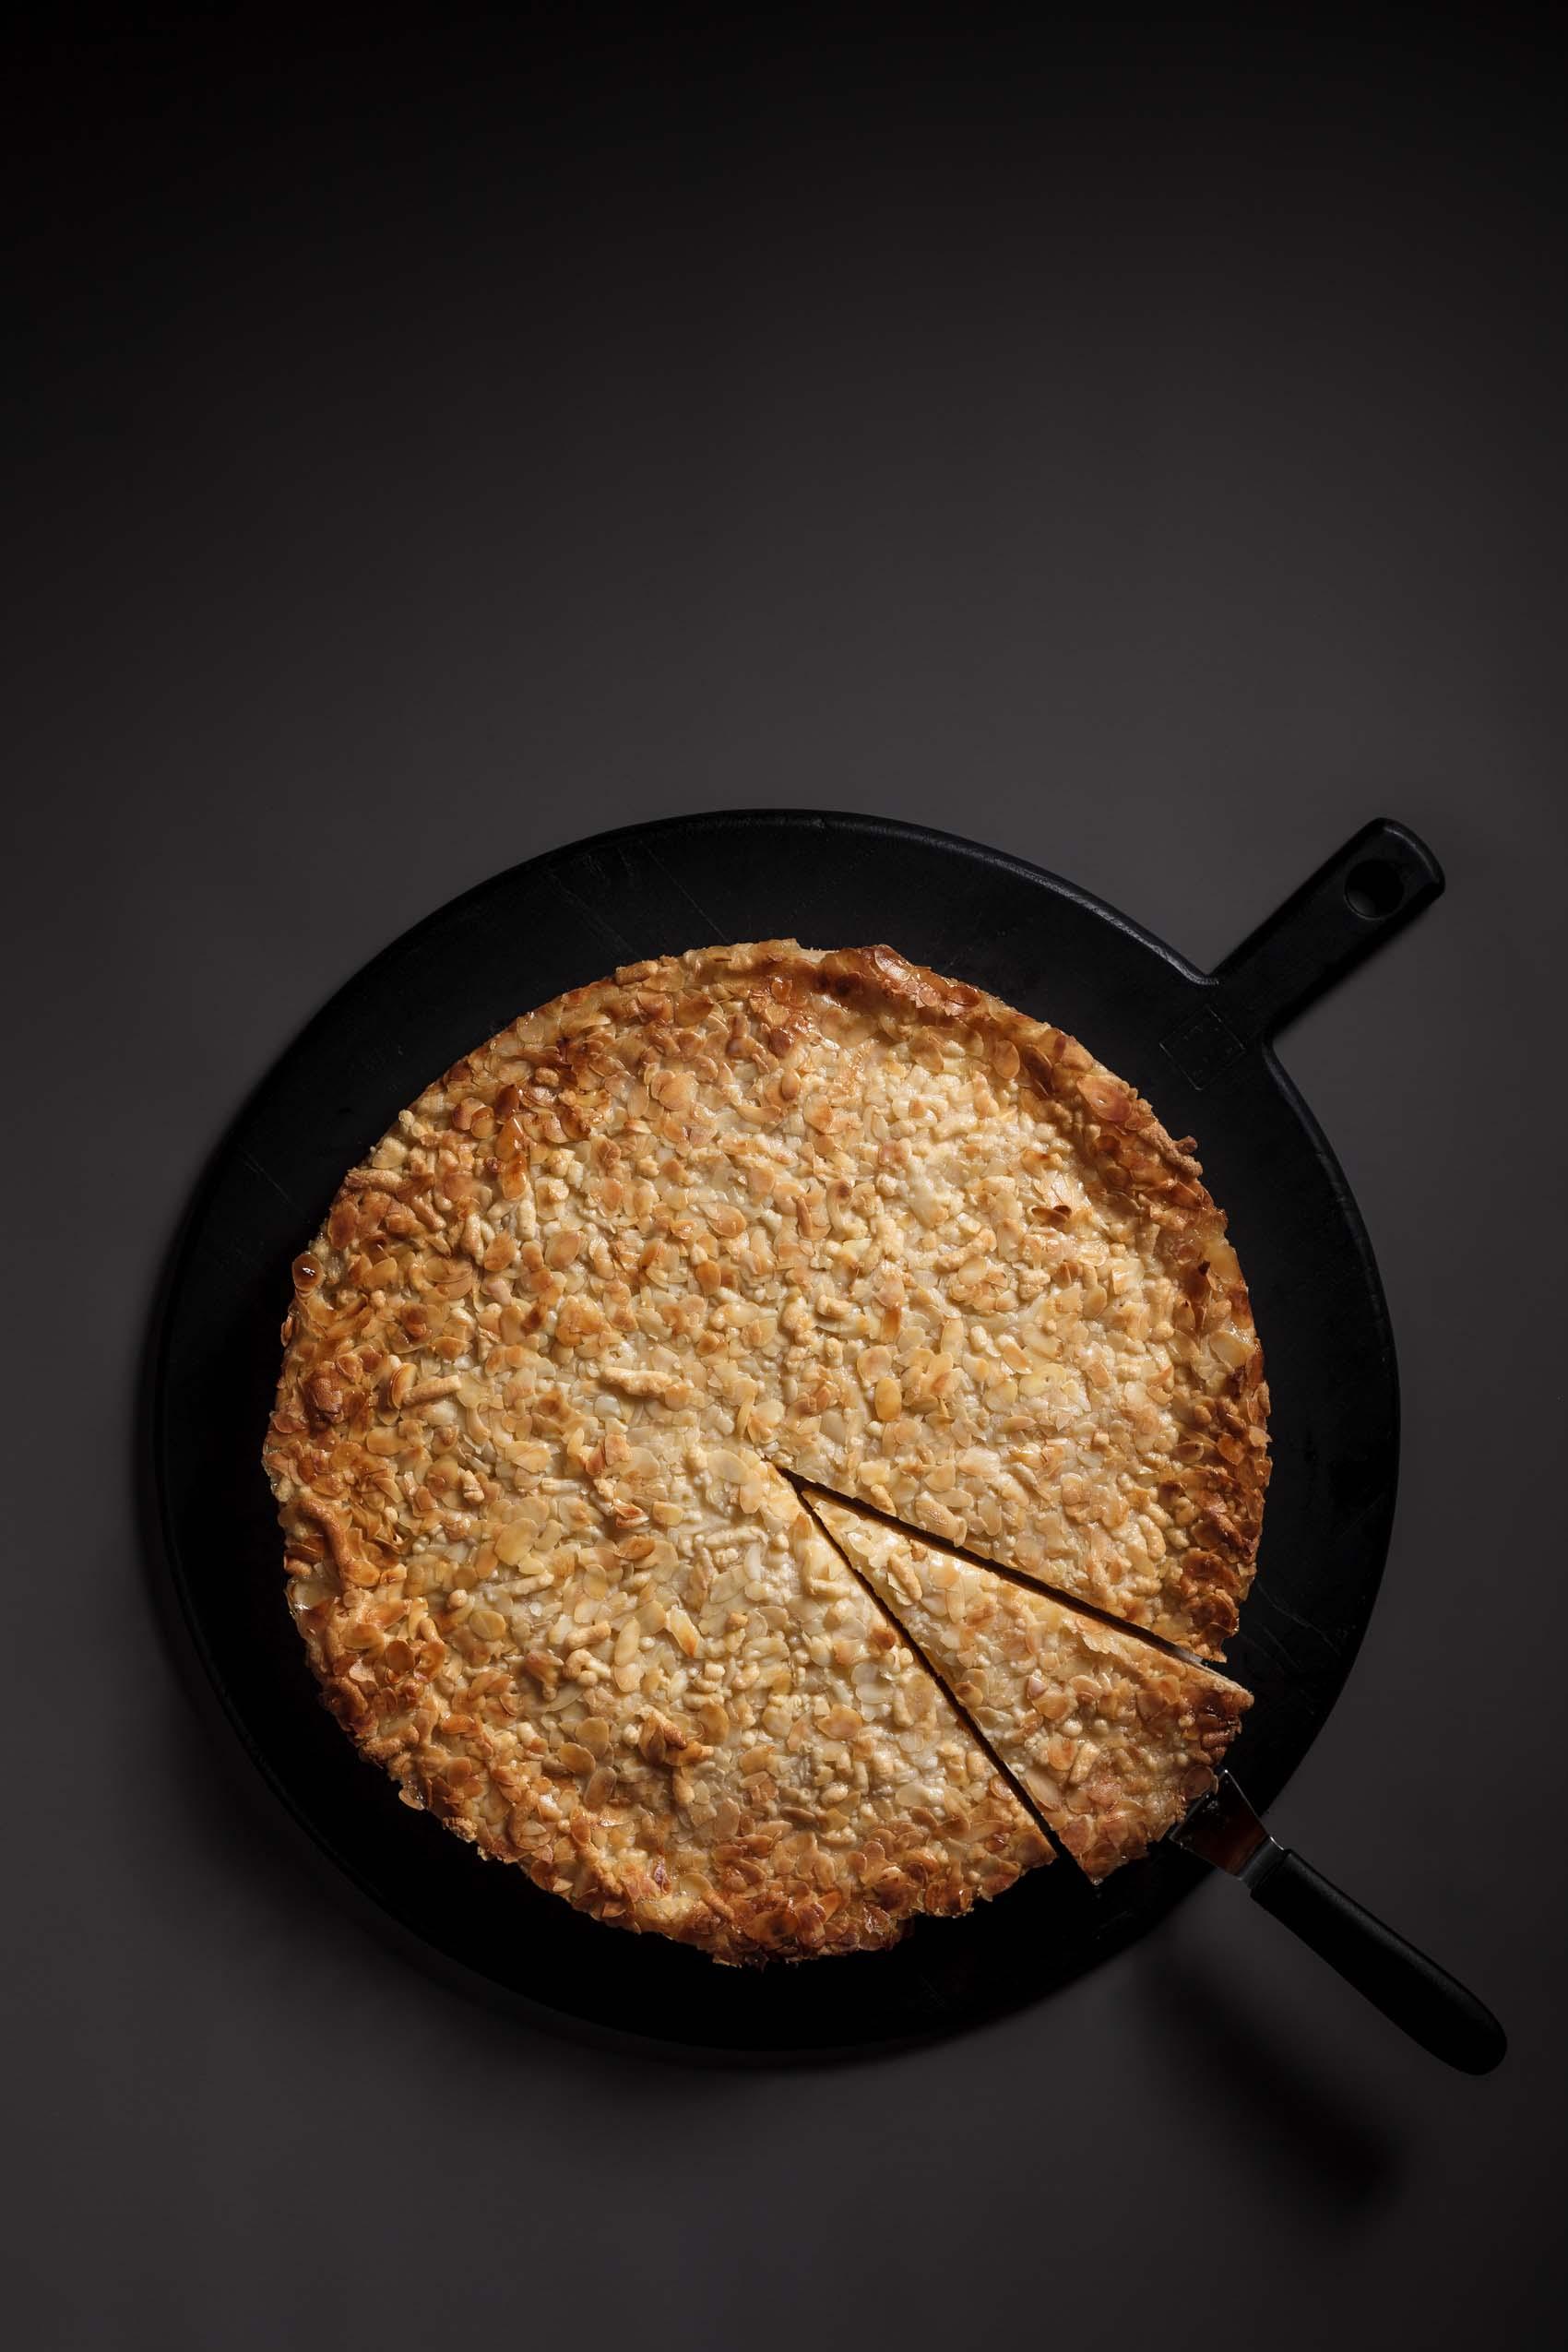 Konditorkuchen hochwertig fotografiert – Agentur für Werbefotos aus Memmingen